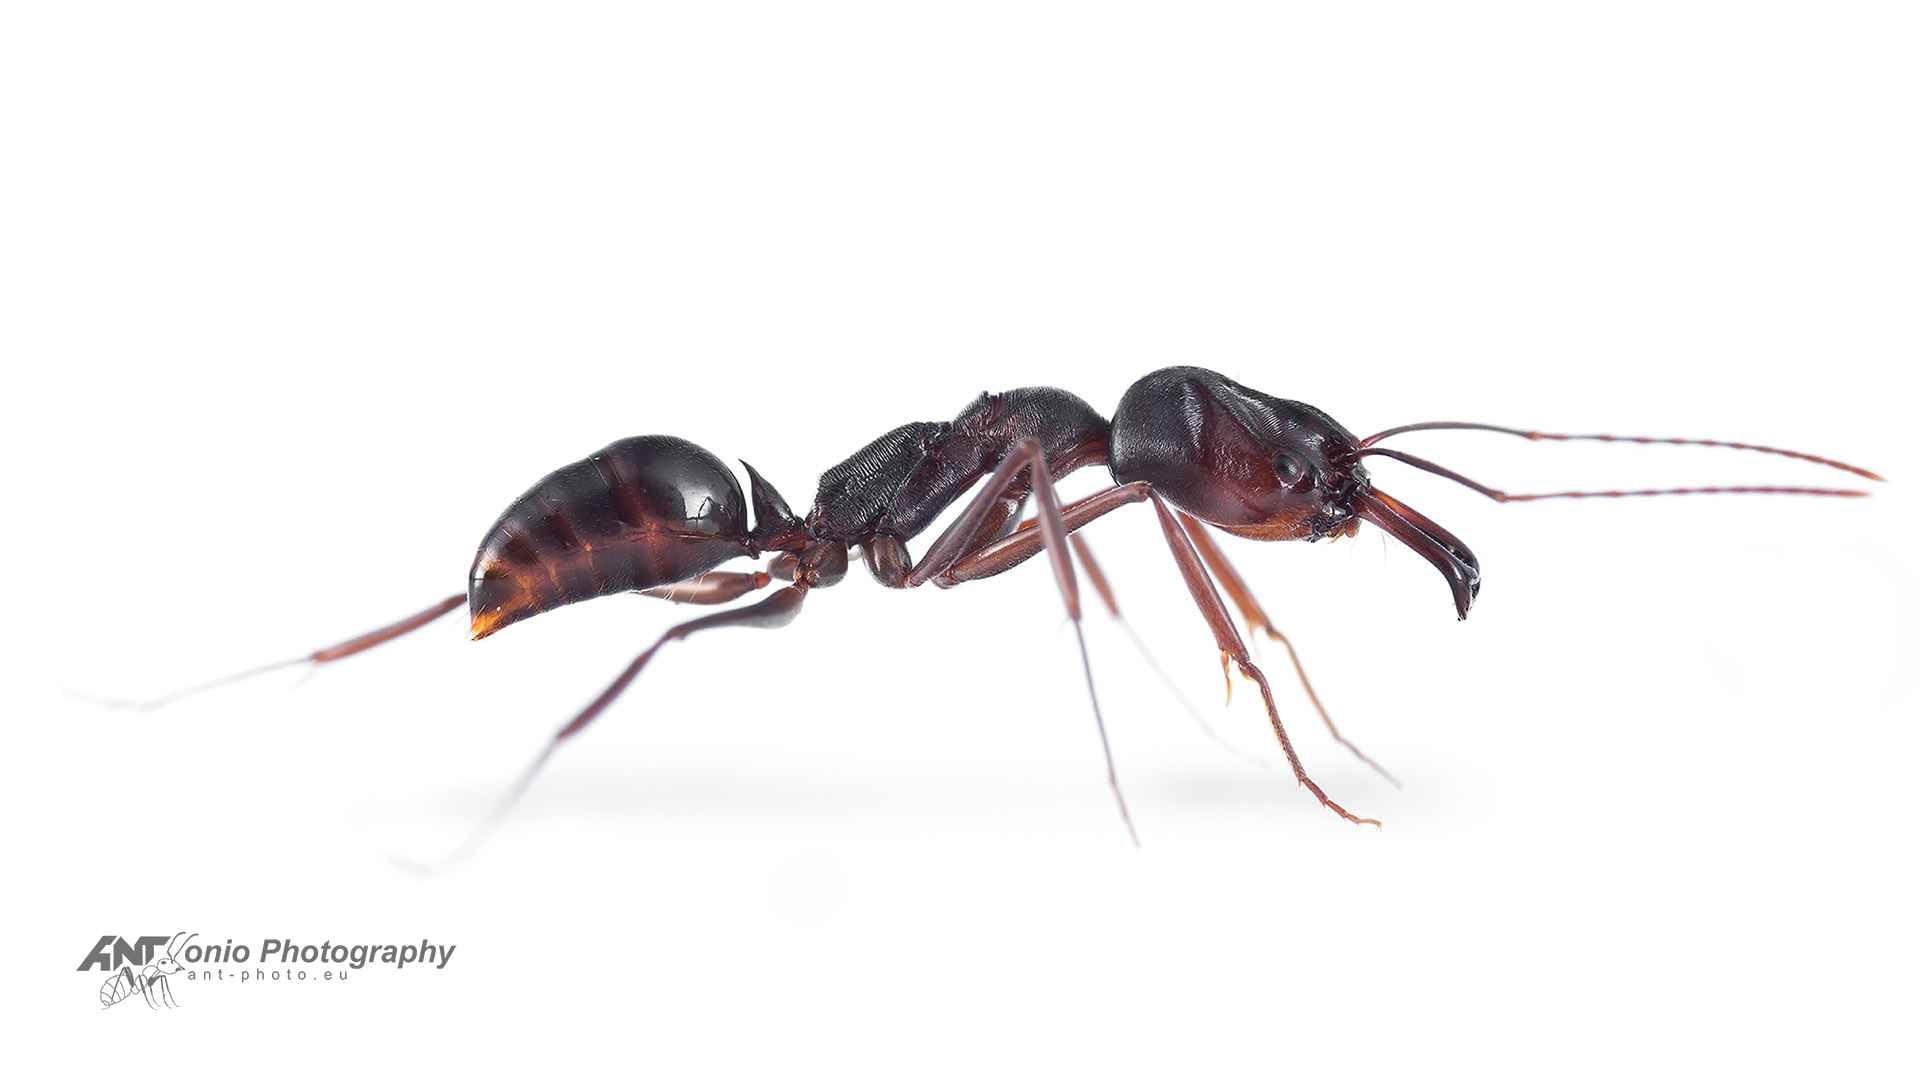 Ant Odontomachus monticola worker